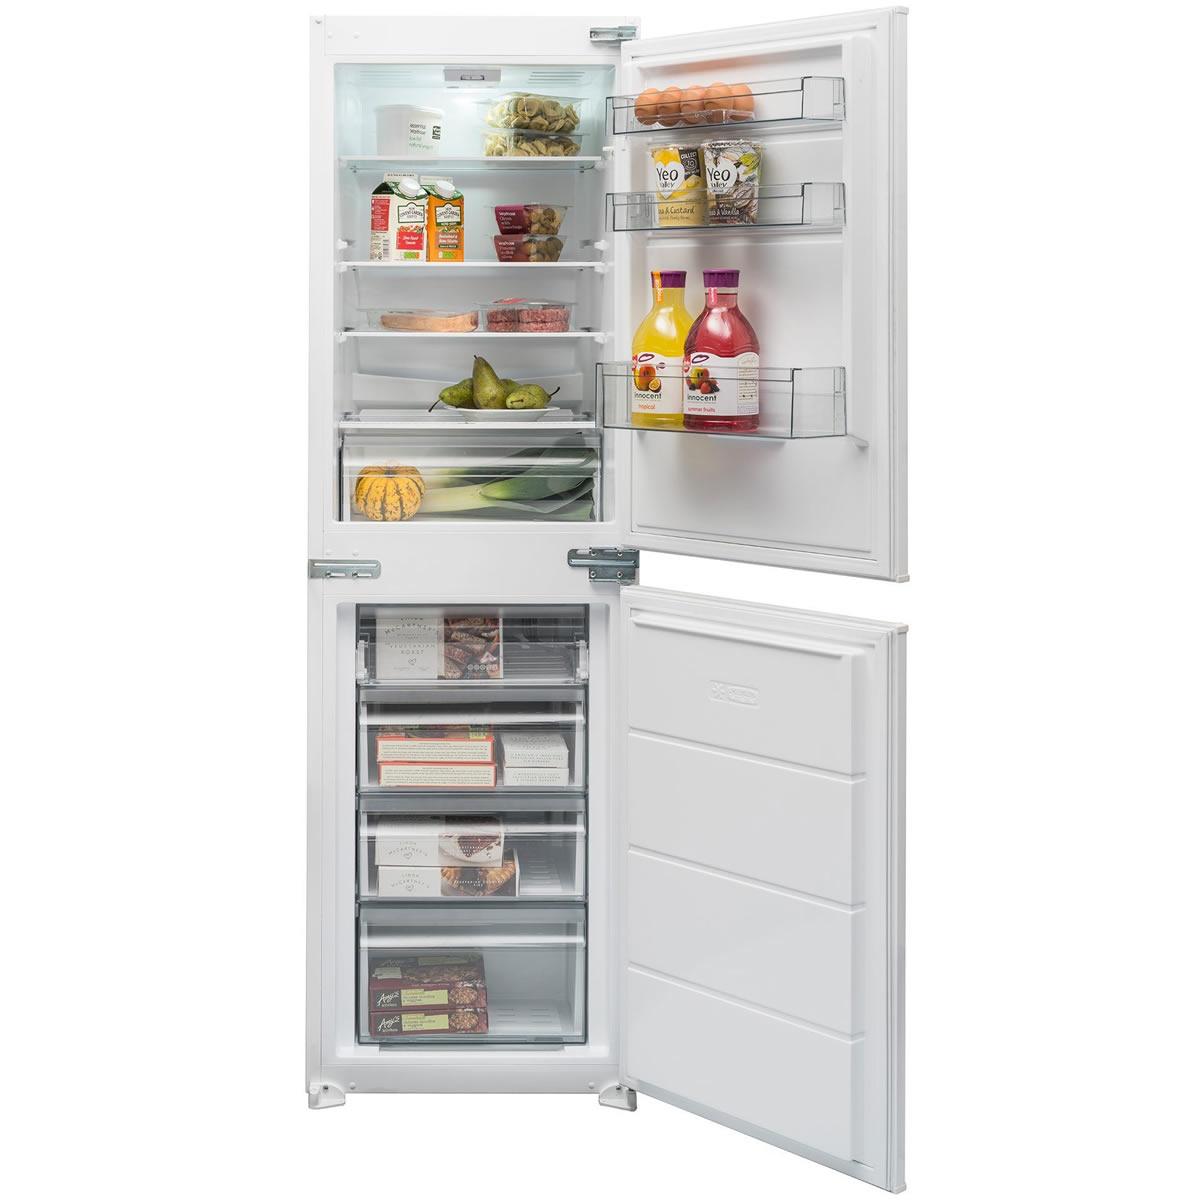 RI5500 242litre Integrated Fridge Freezer Class A+